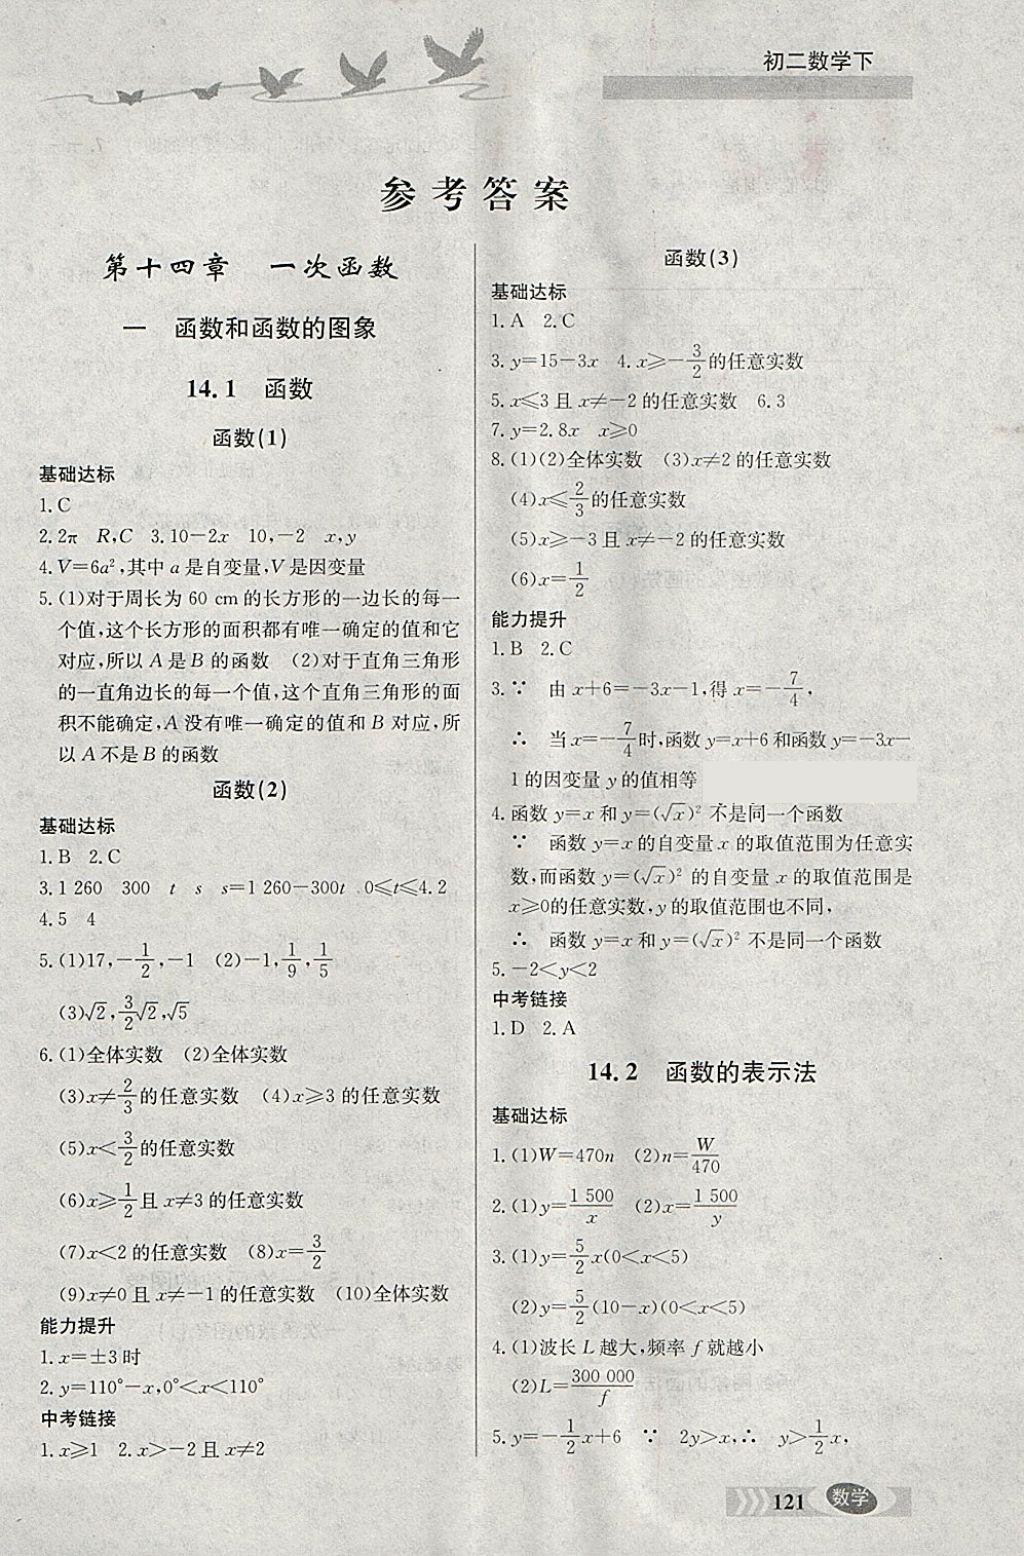 2018年同步檢測三級跳初二數學下冊參考答案第1頁